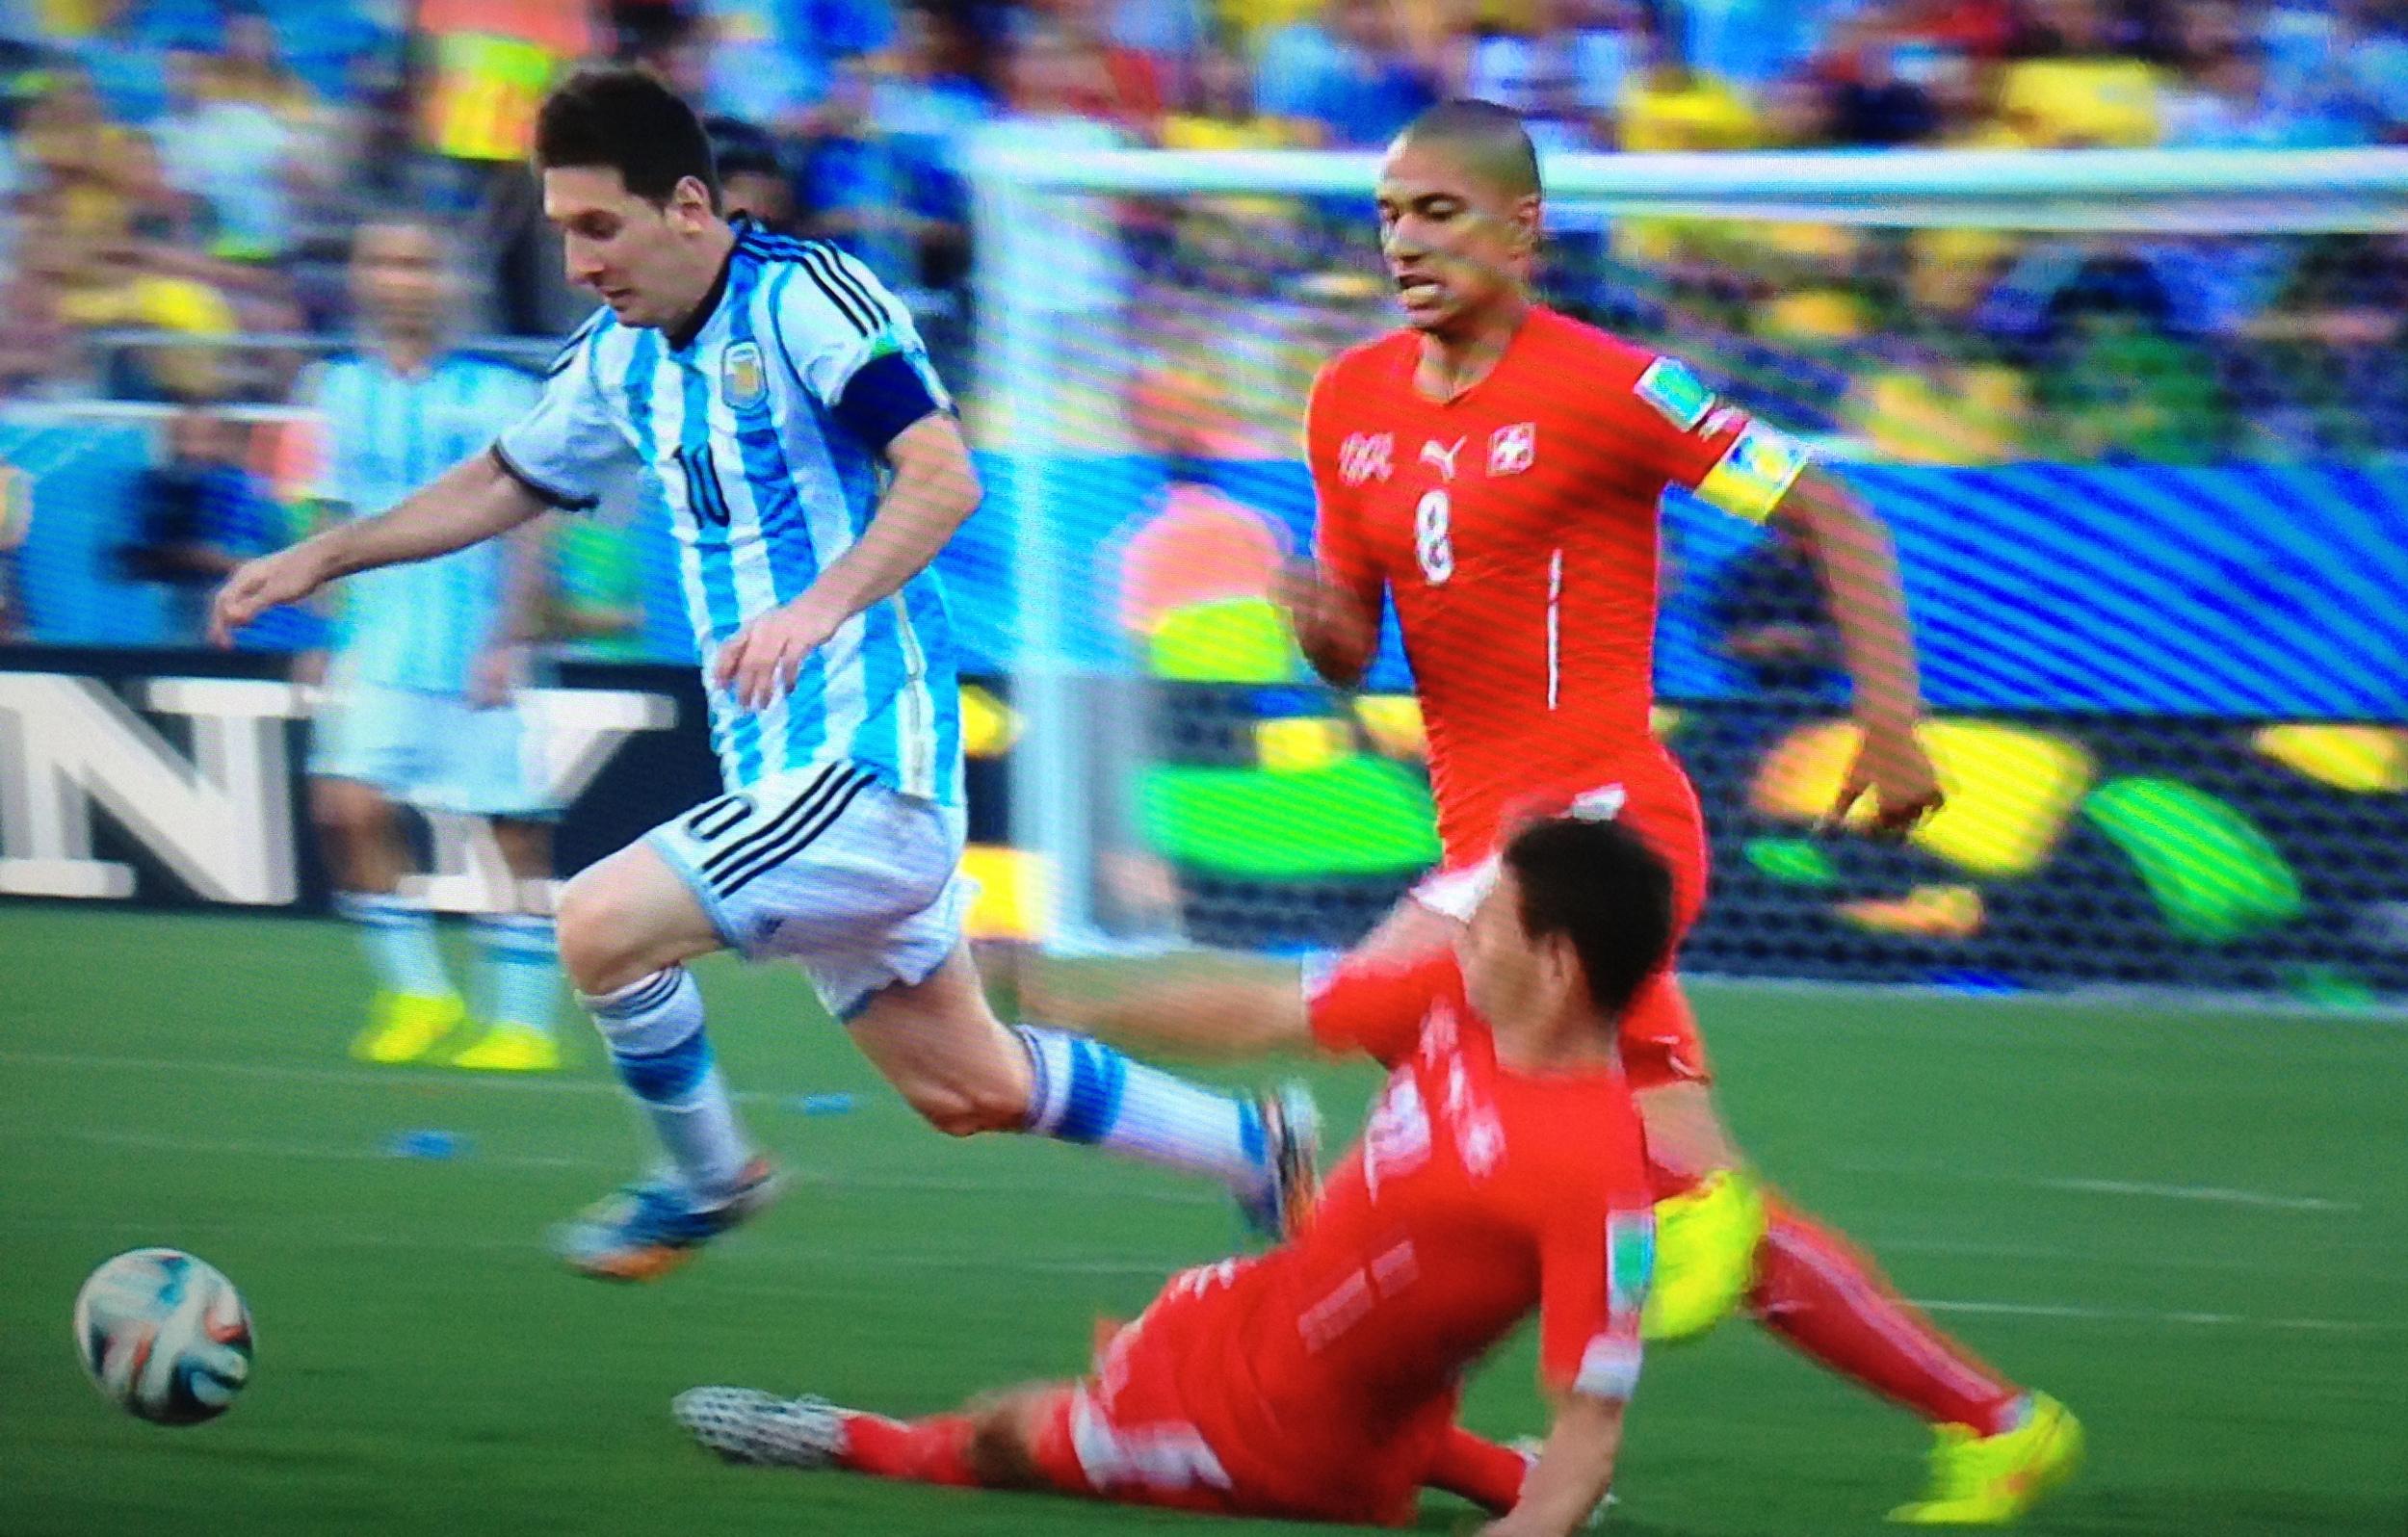 Lionel Messi conduce el balón en la jugada decisiva del duelo ante Suiza, disputado en São Paulo el 1 de julio de 2014, válido por los octavos de final del Mundial de Brasil. Messi asistió a Ángel Di Maria en la acción del único gol del partido, convertido al minuto 118.